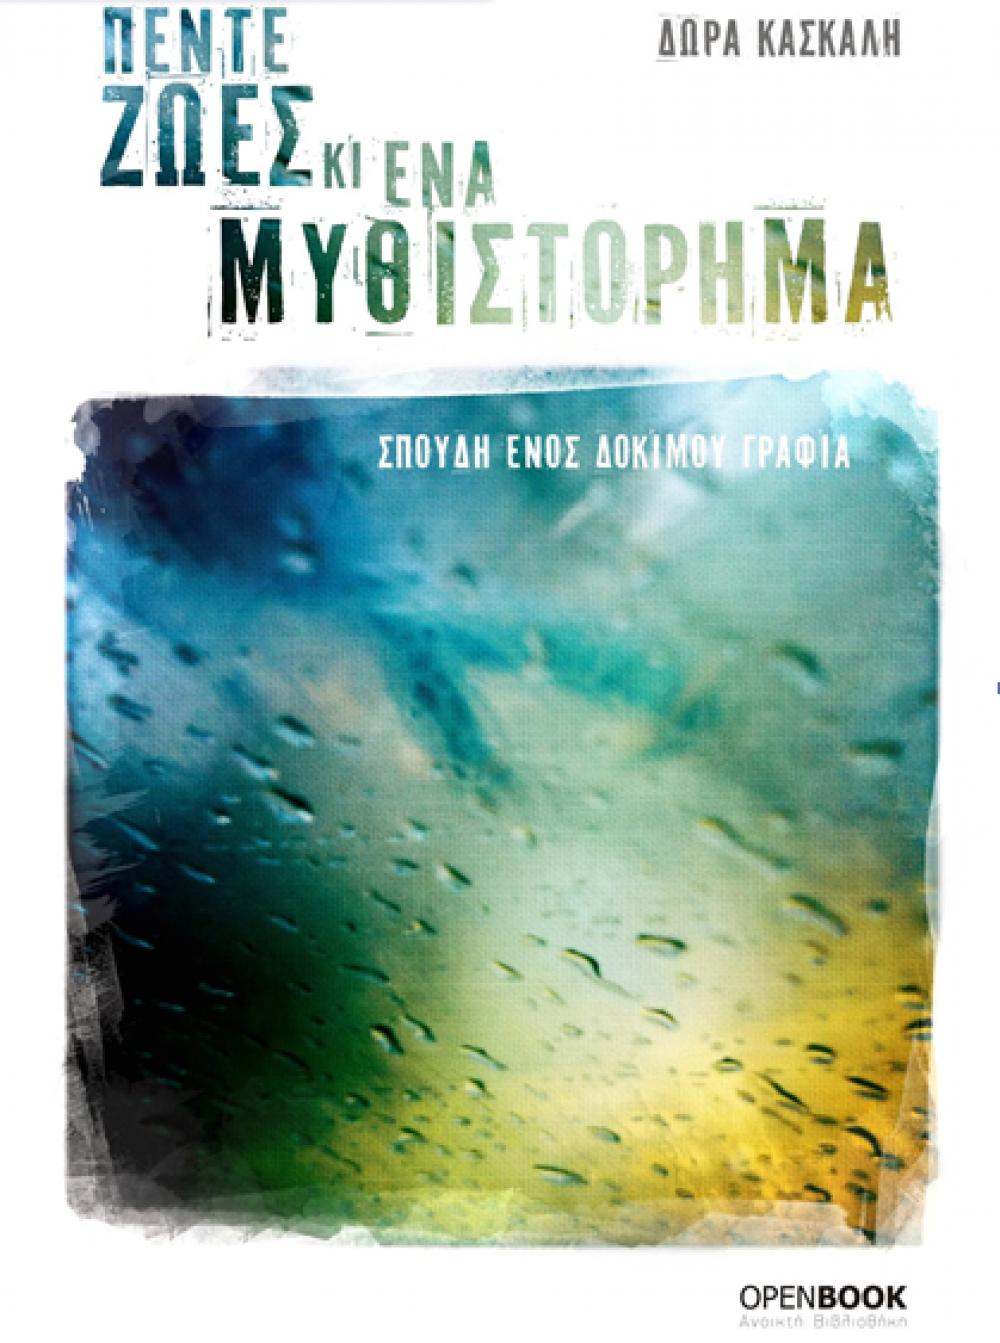 """'Πέντε ζωές κι ένα μυθιστόρημα"""": ελεύθερα στο Internet"""